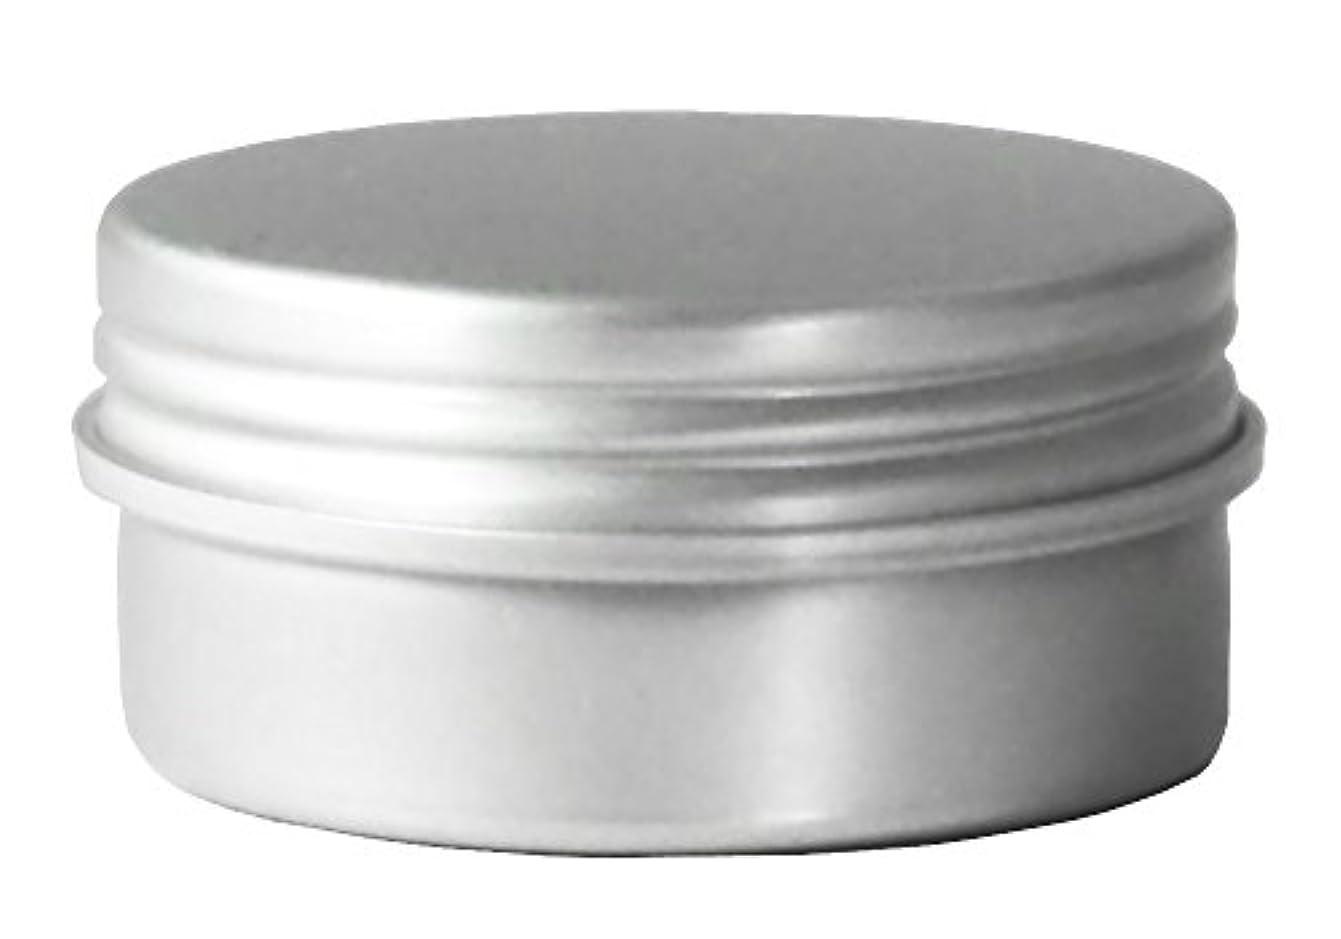 モーターボトルネックそれに応じてアルミキャップ缶 ハイシートパッキン付 12ml 化粧品容器